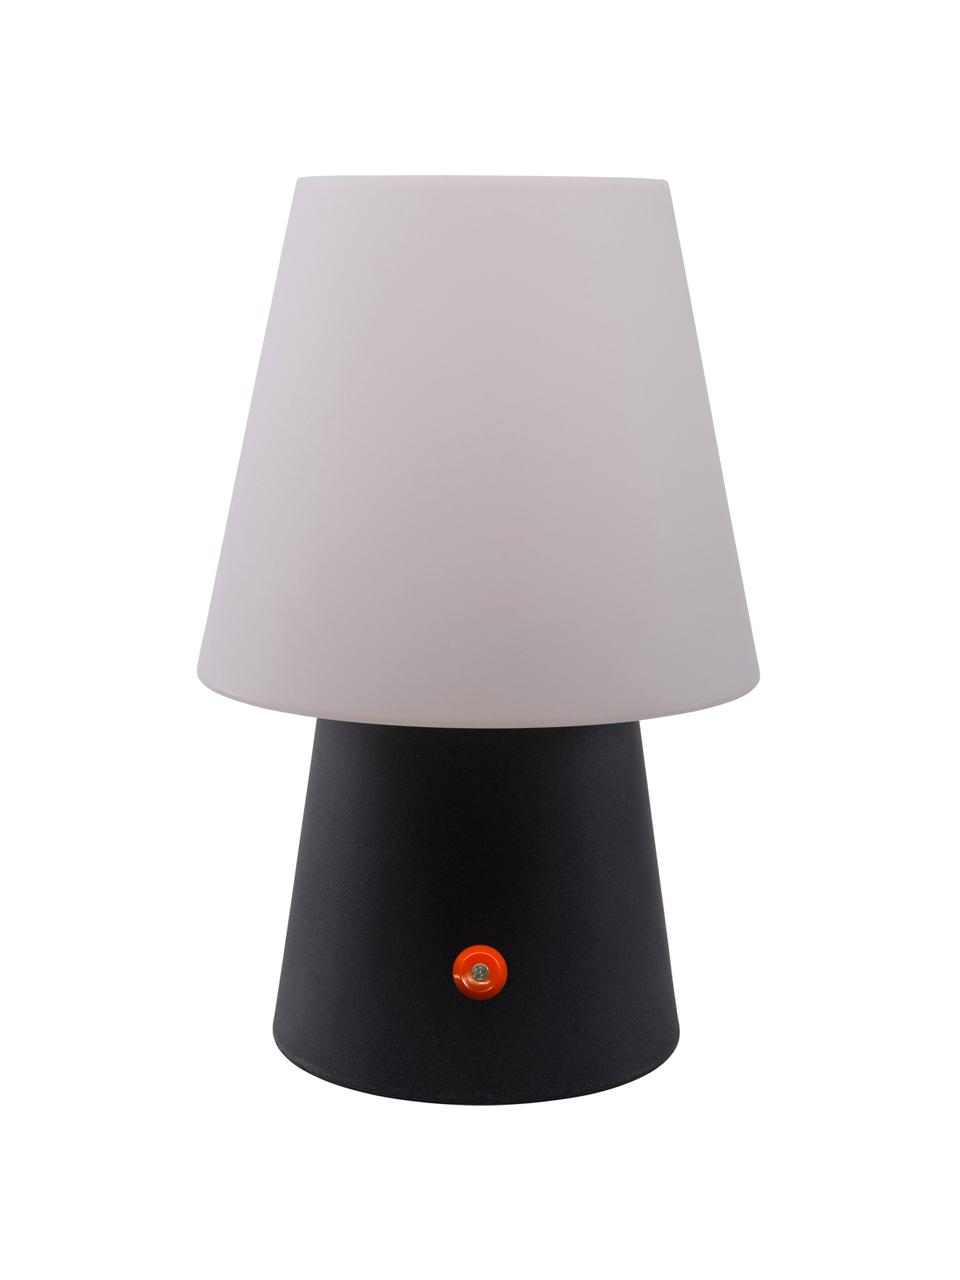 Venkovní přenosná LED lampa No. 1 , Bílá, antracitová